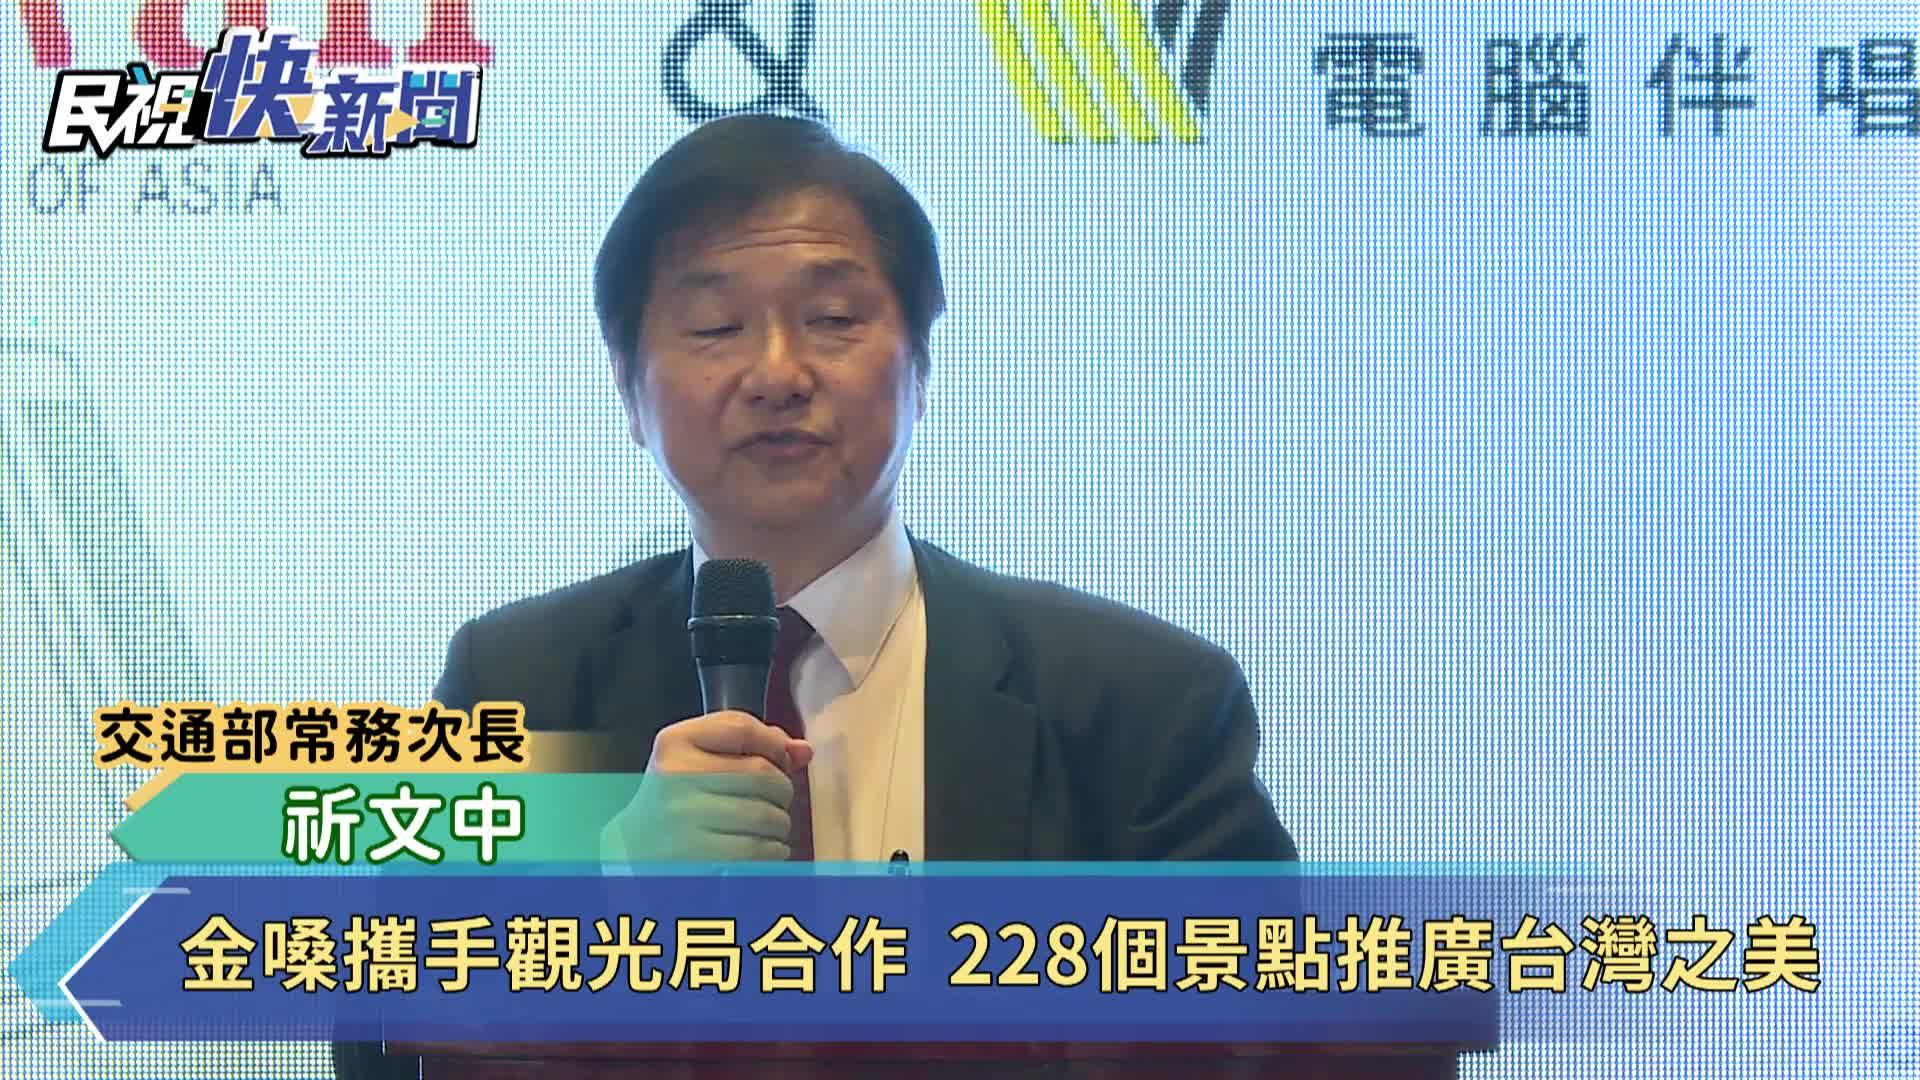 金嗓攜手觀光局合作 228個景點推廣台灣之美